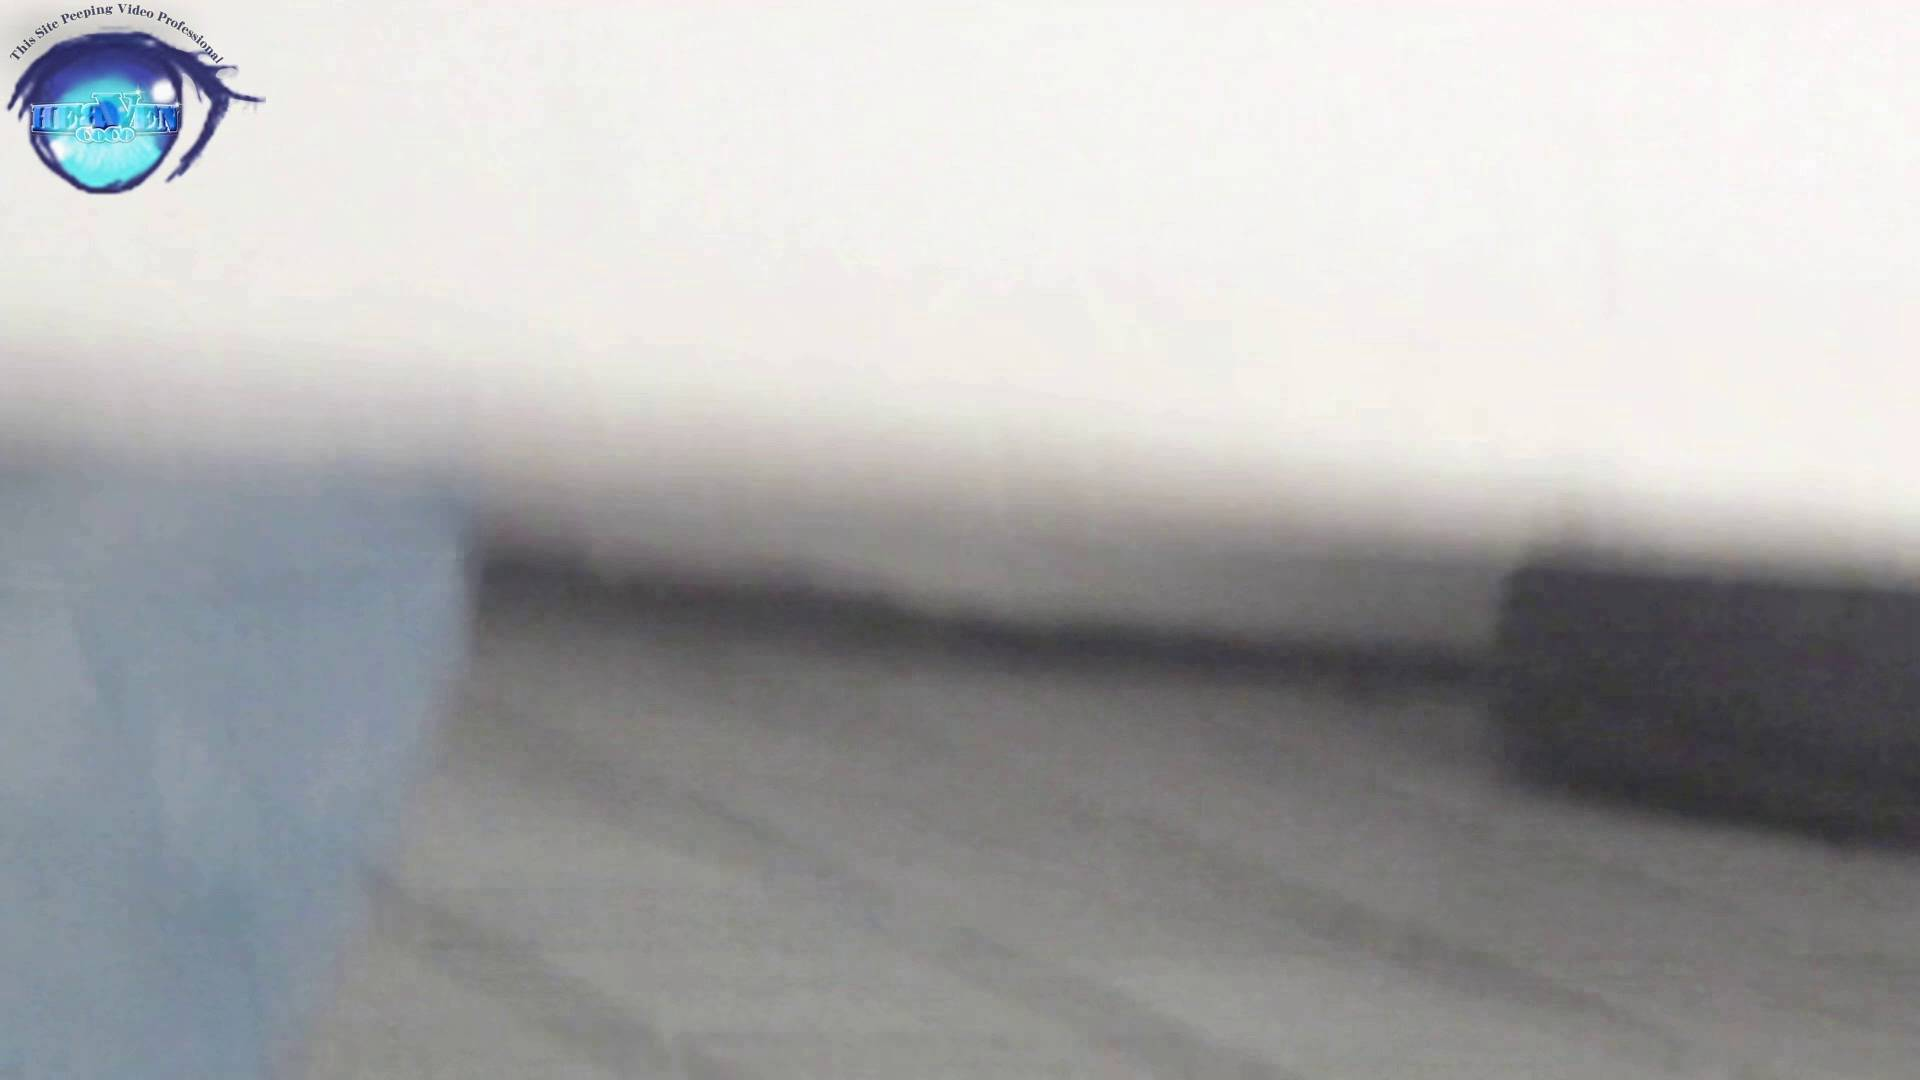 お銀さん vol.59 ピンチ!!「鏡の前で祈る女性」にばれる危機 前編 おまんこ見放題 | 盗撮シリーズ  83PIX 7